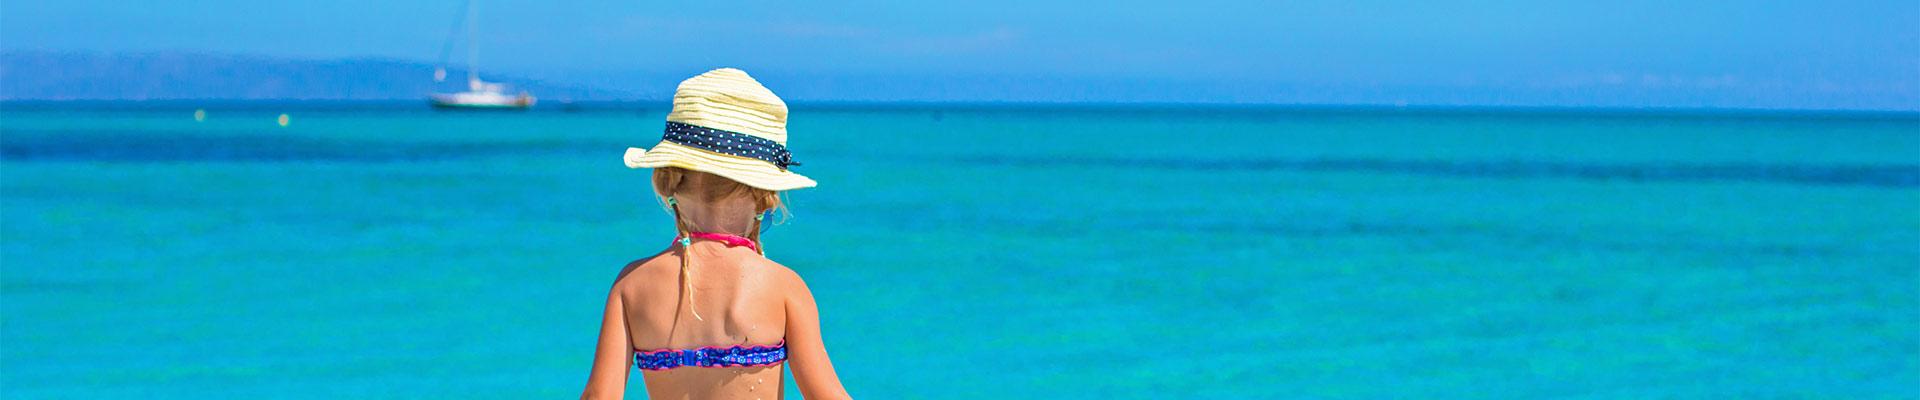 Una selezione di hotel per vacanze senza pensieri